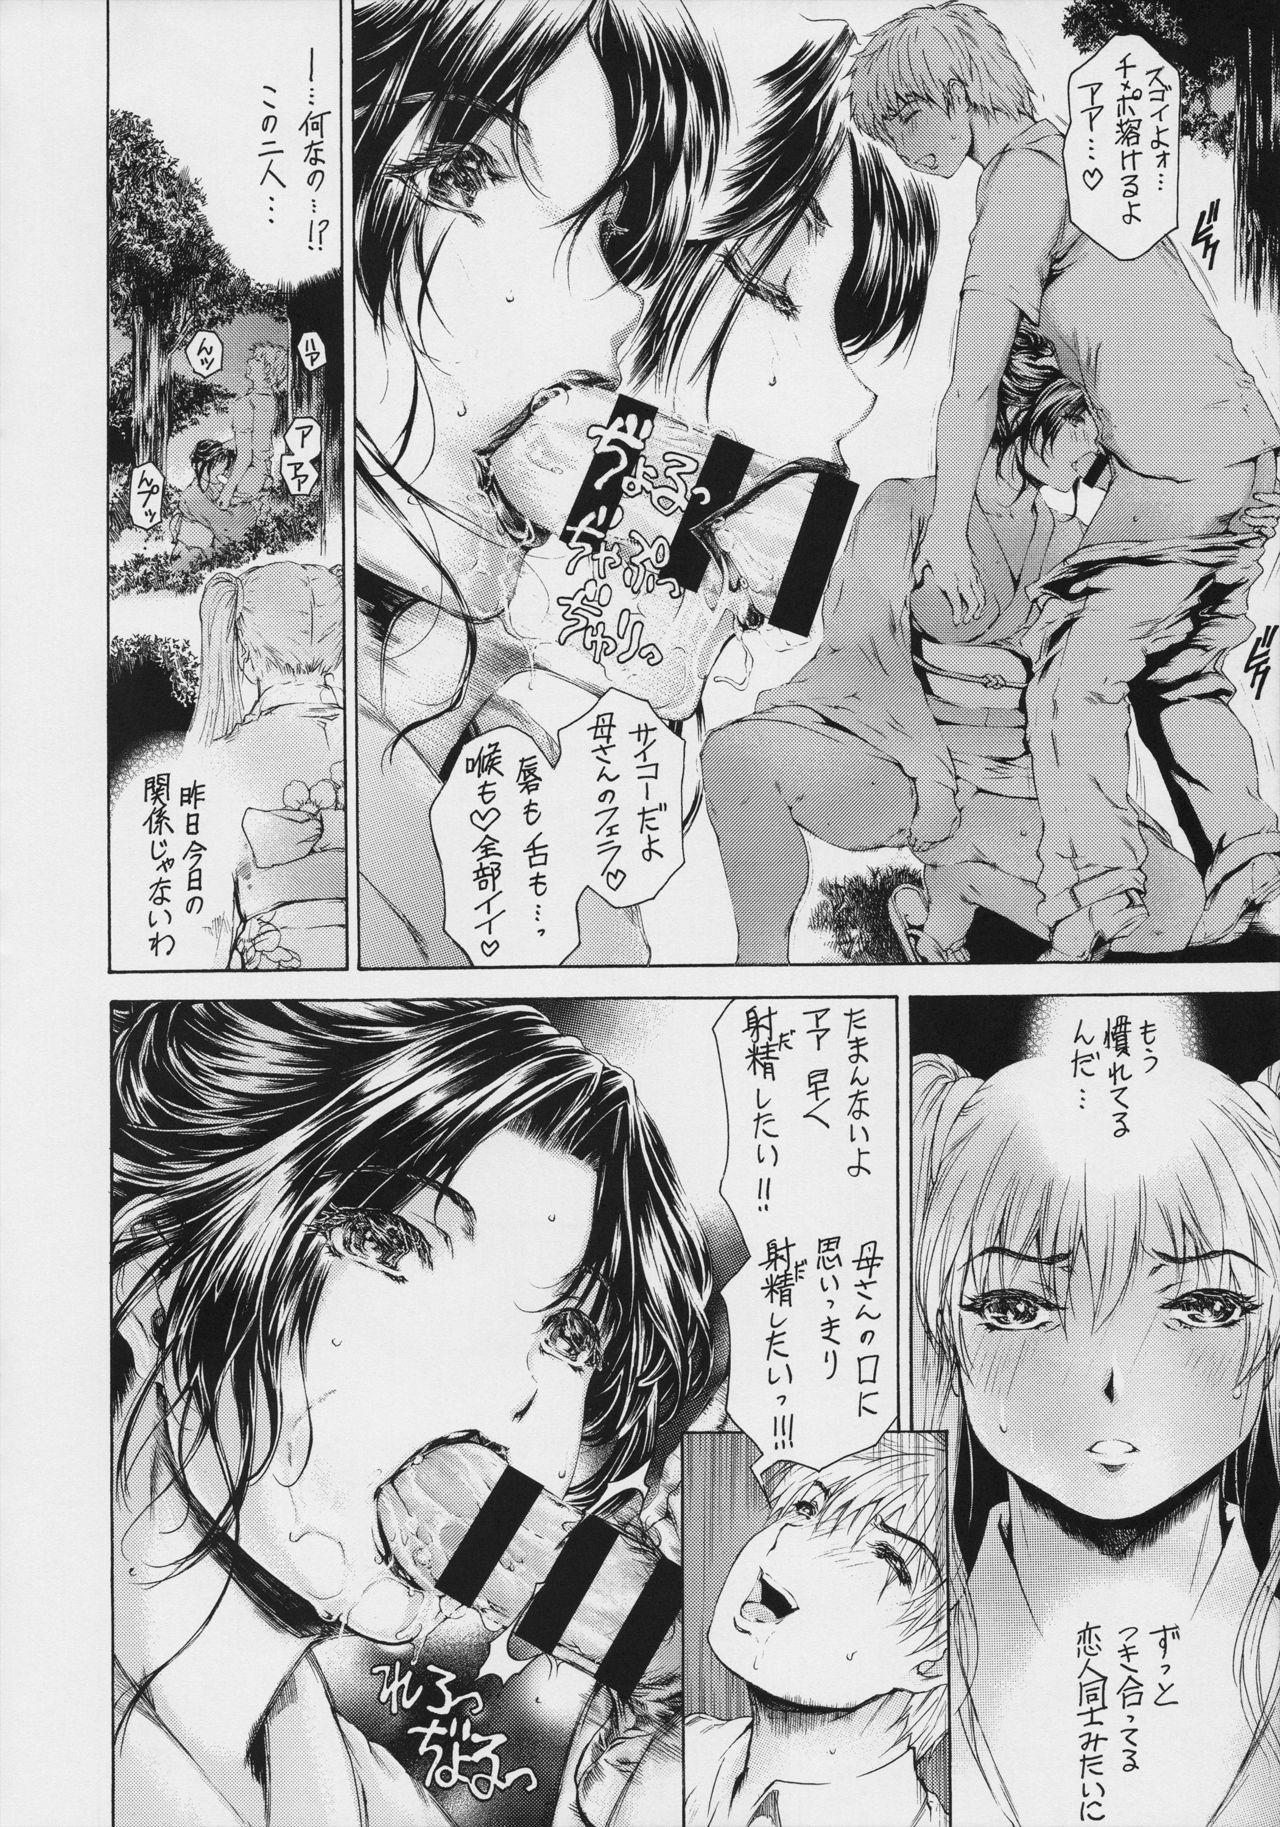 (COMIC1☆11) [Subesube 1kg (Narita Kyousha)] 9-Ji Kara 5-ji Made no Koibito Dai 9 wa - Nine to Five Lover 17